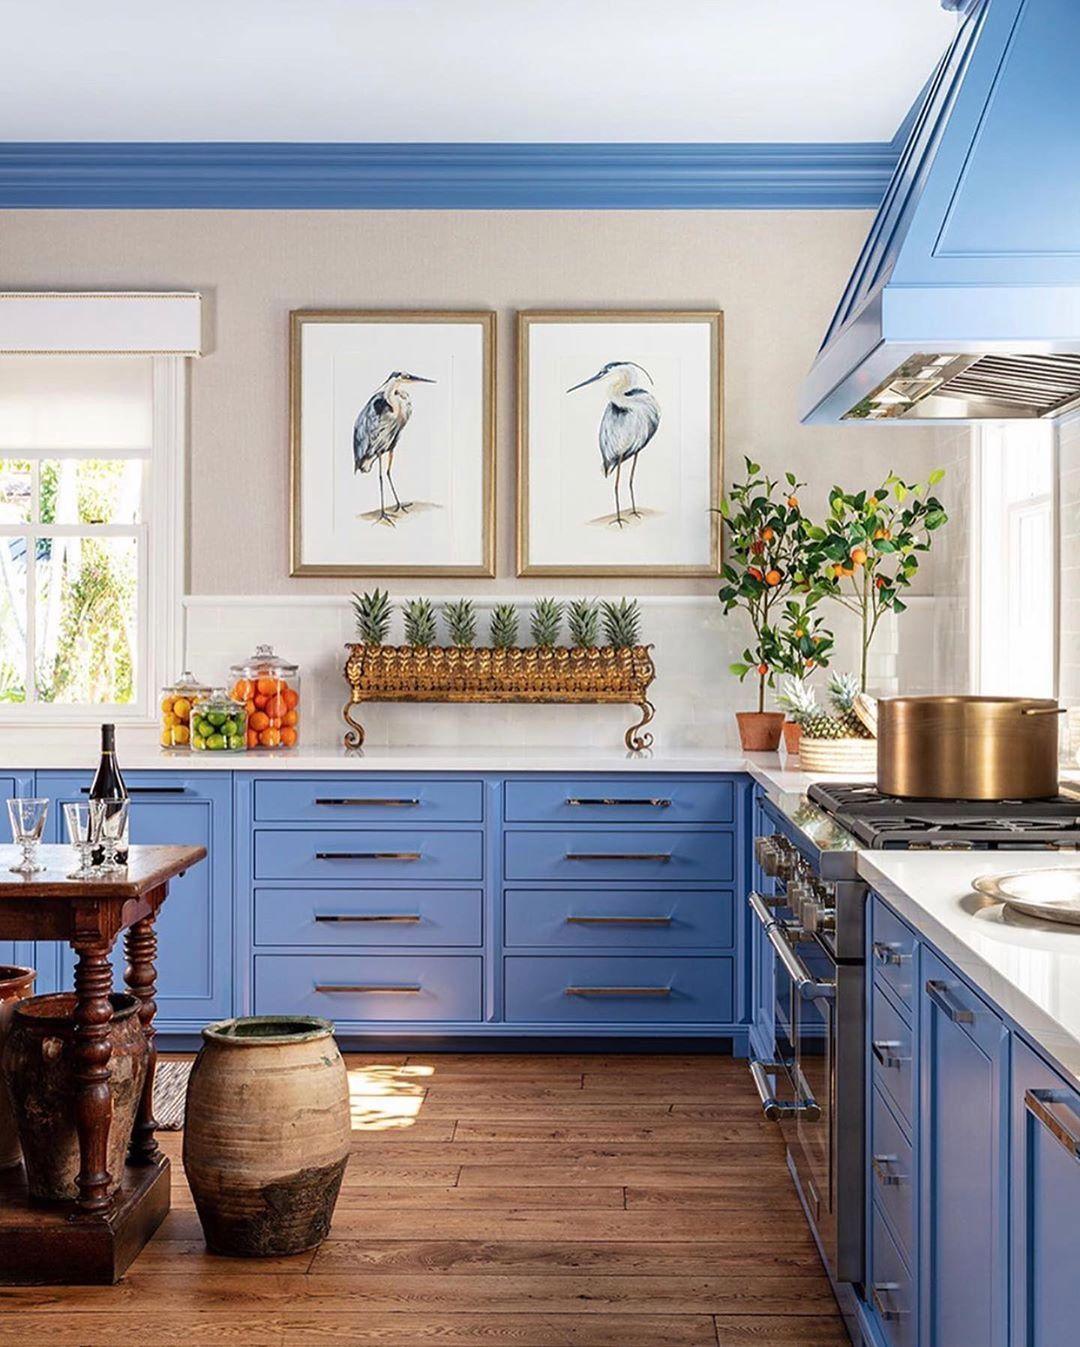 Cabinet Color Dragon Blue Benjamin Moore Julie Barrett Design On Instagram Show Stopping Kitchen In The Kb Kitchen Design Kitchen Interior Cozy Kitchen